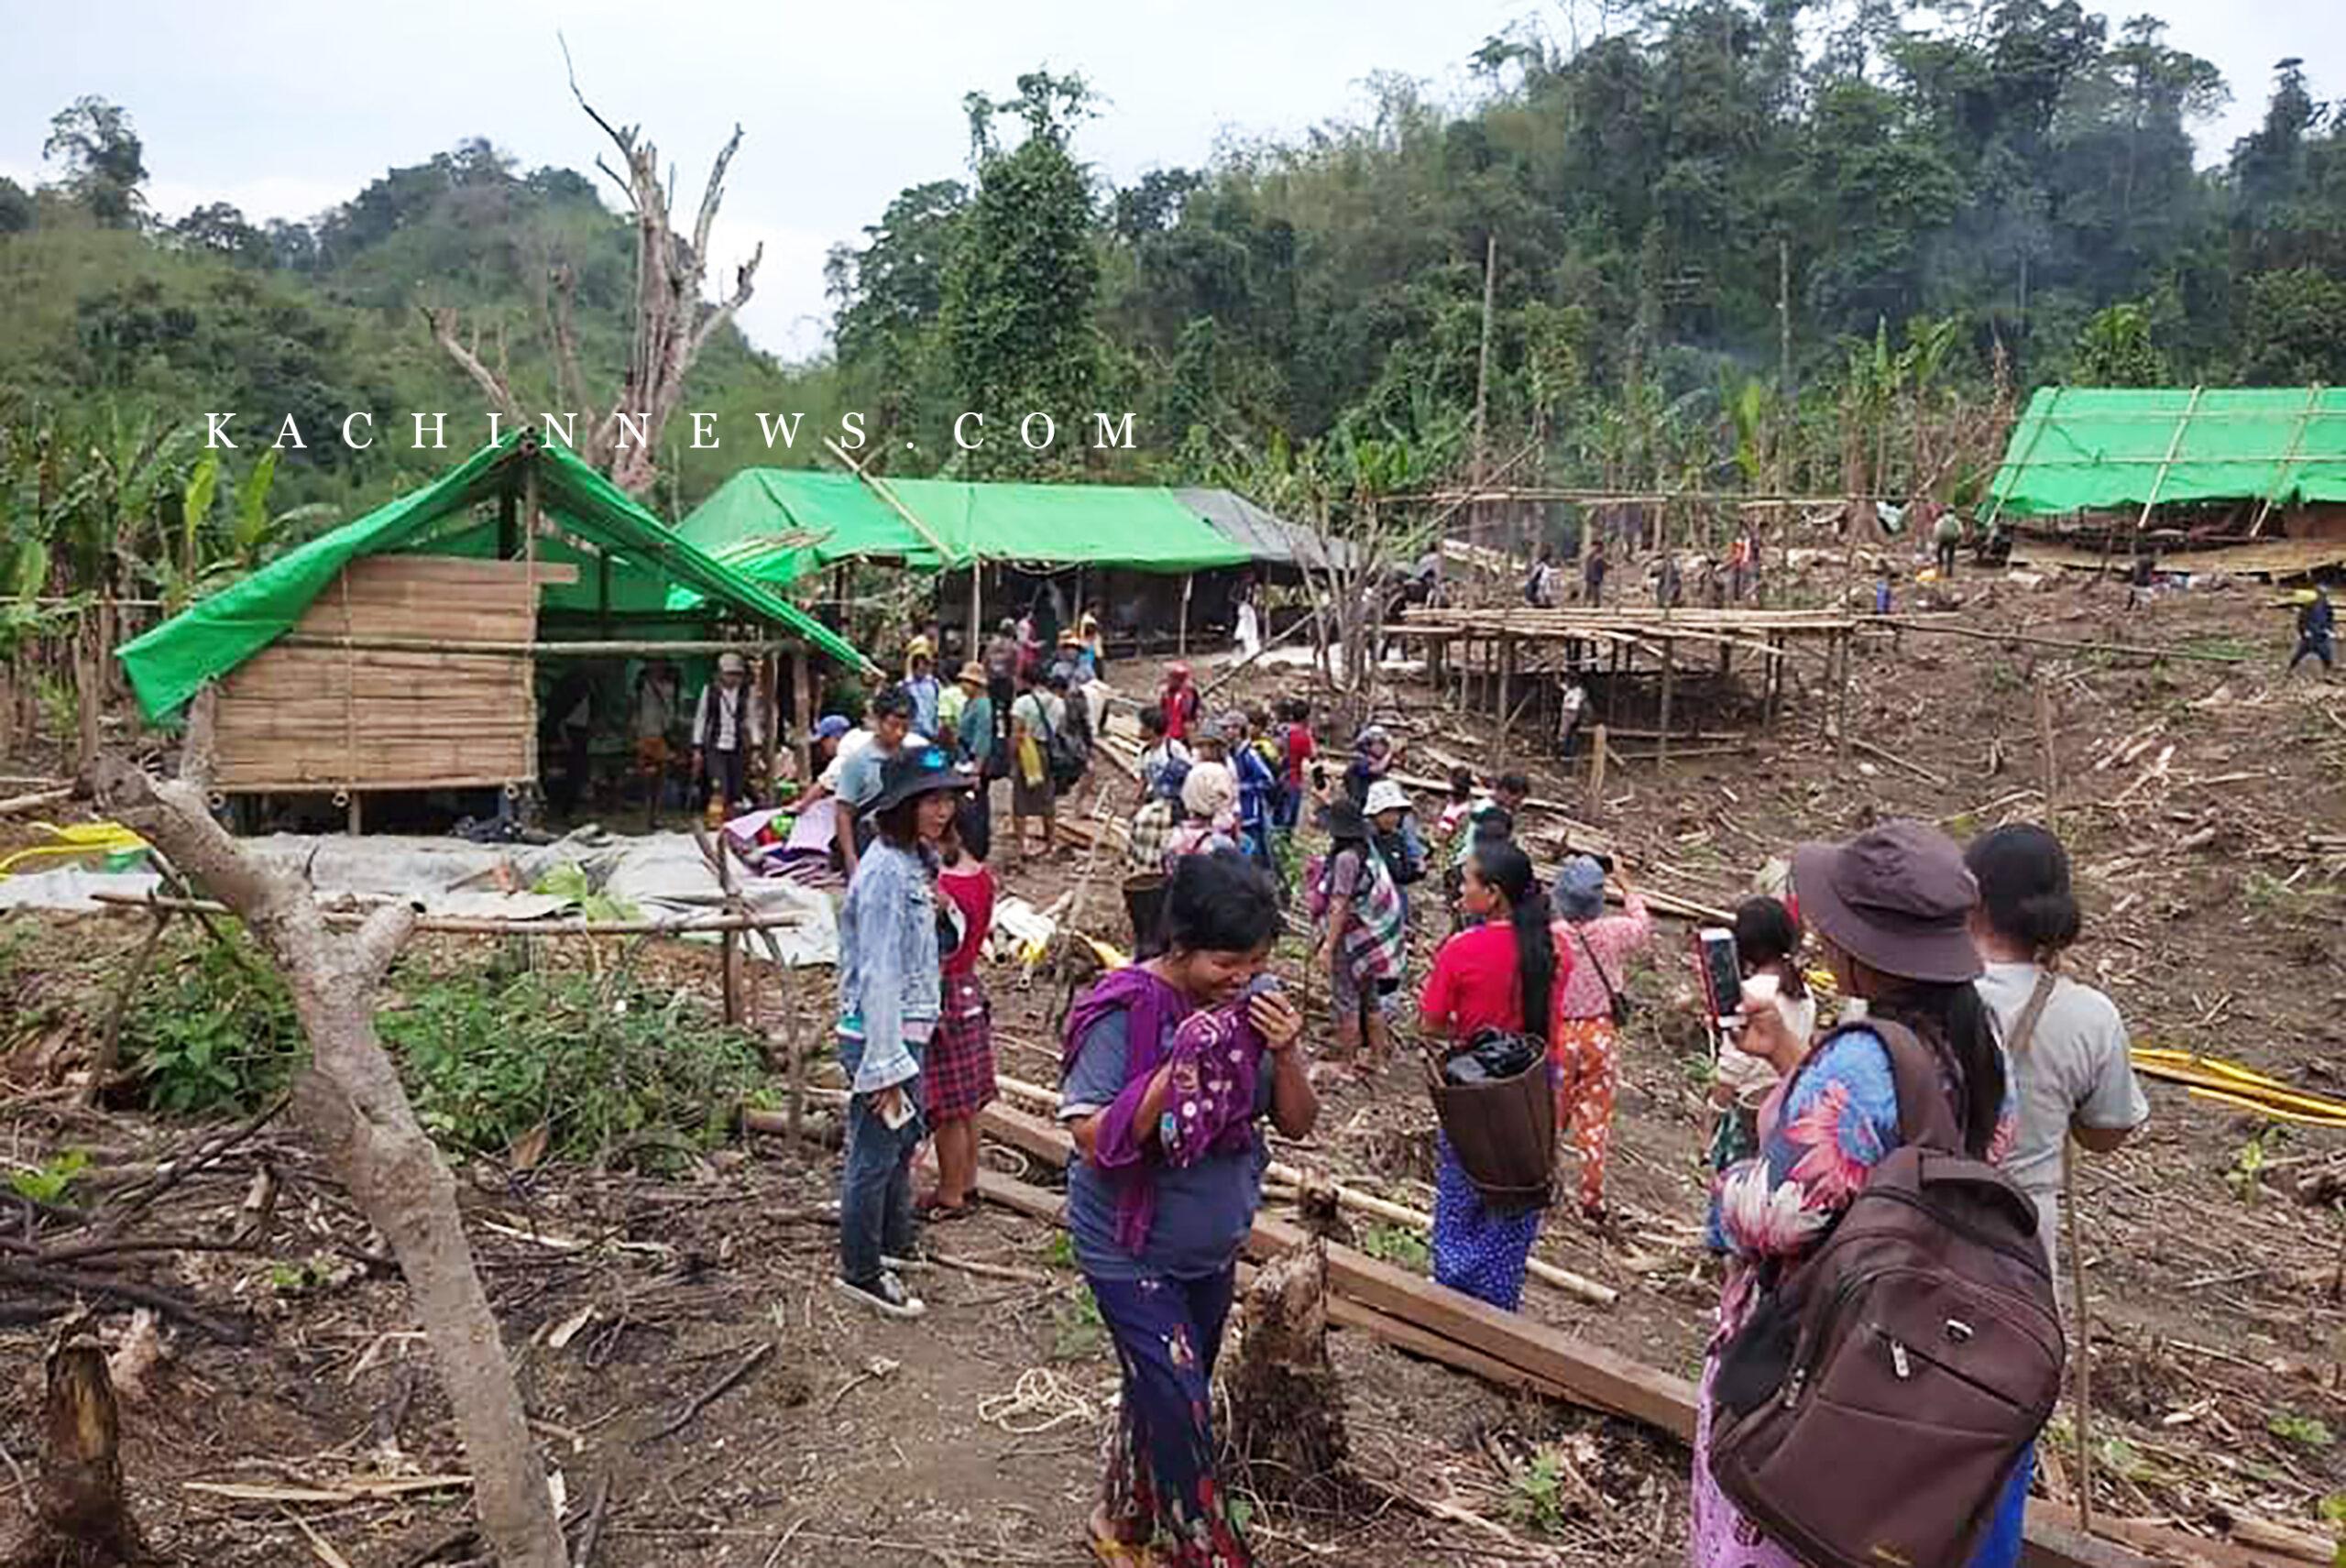 ဆွမ်ပီယန်ကျေးရွာတွင် တရားမဝင် ရွှေတူးဖော်နေသည့်ကုမ္ပဏီကို ဒေသခံများ သွားရောက်ကန့်ကွက်